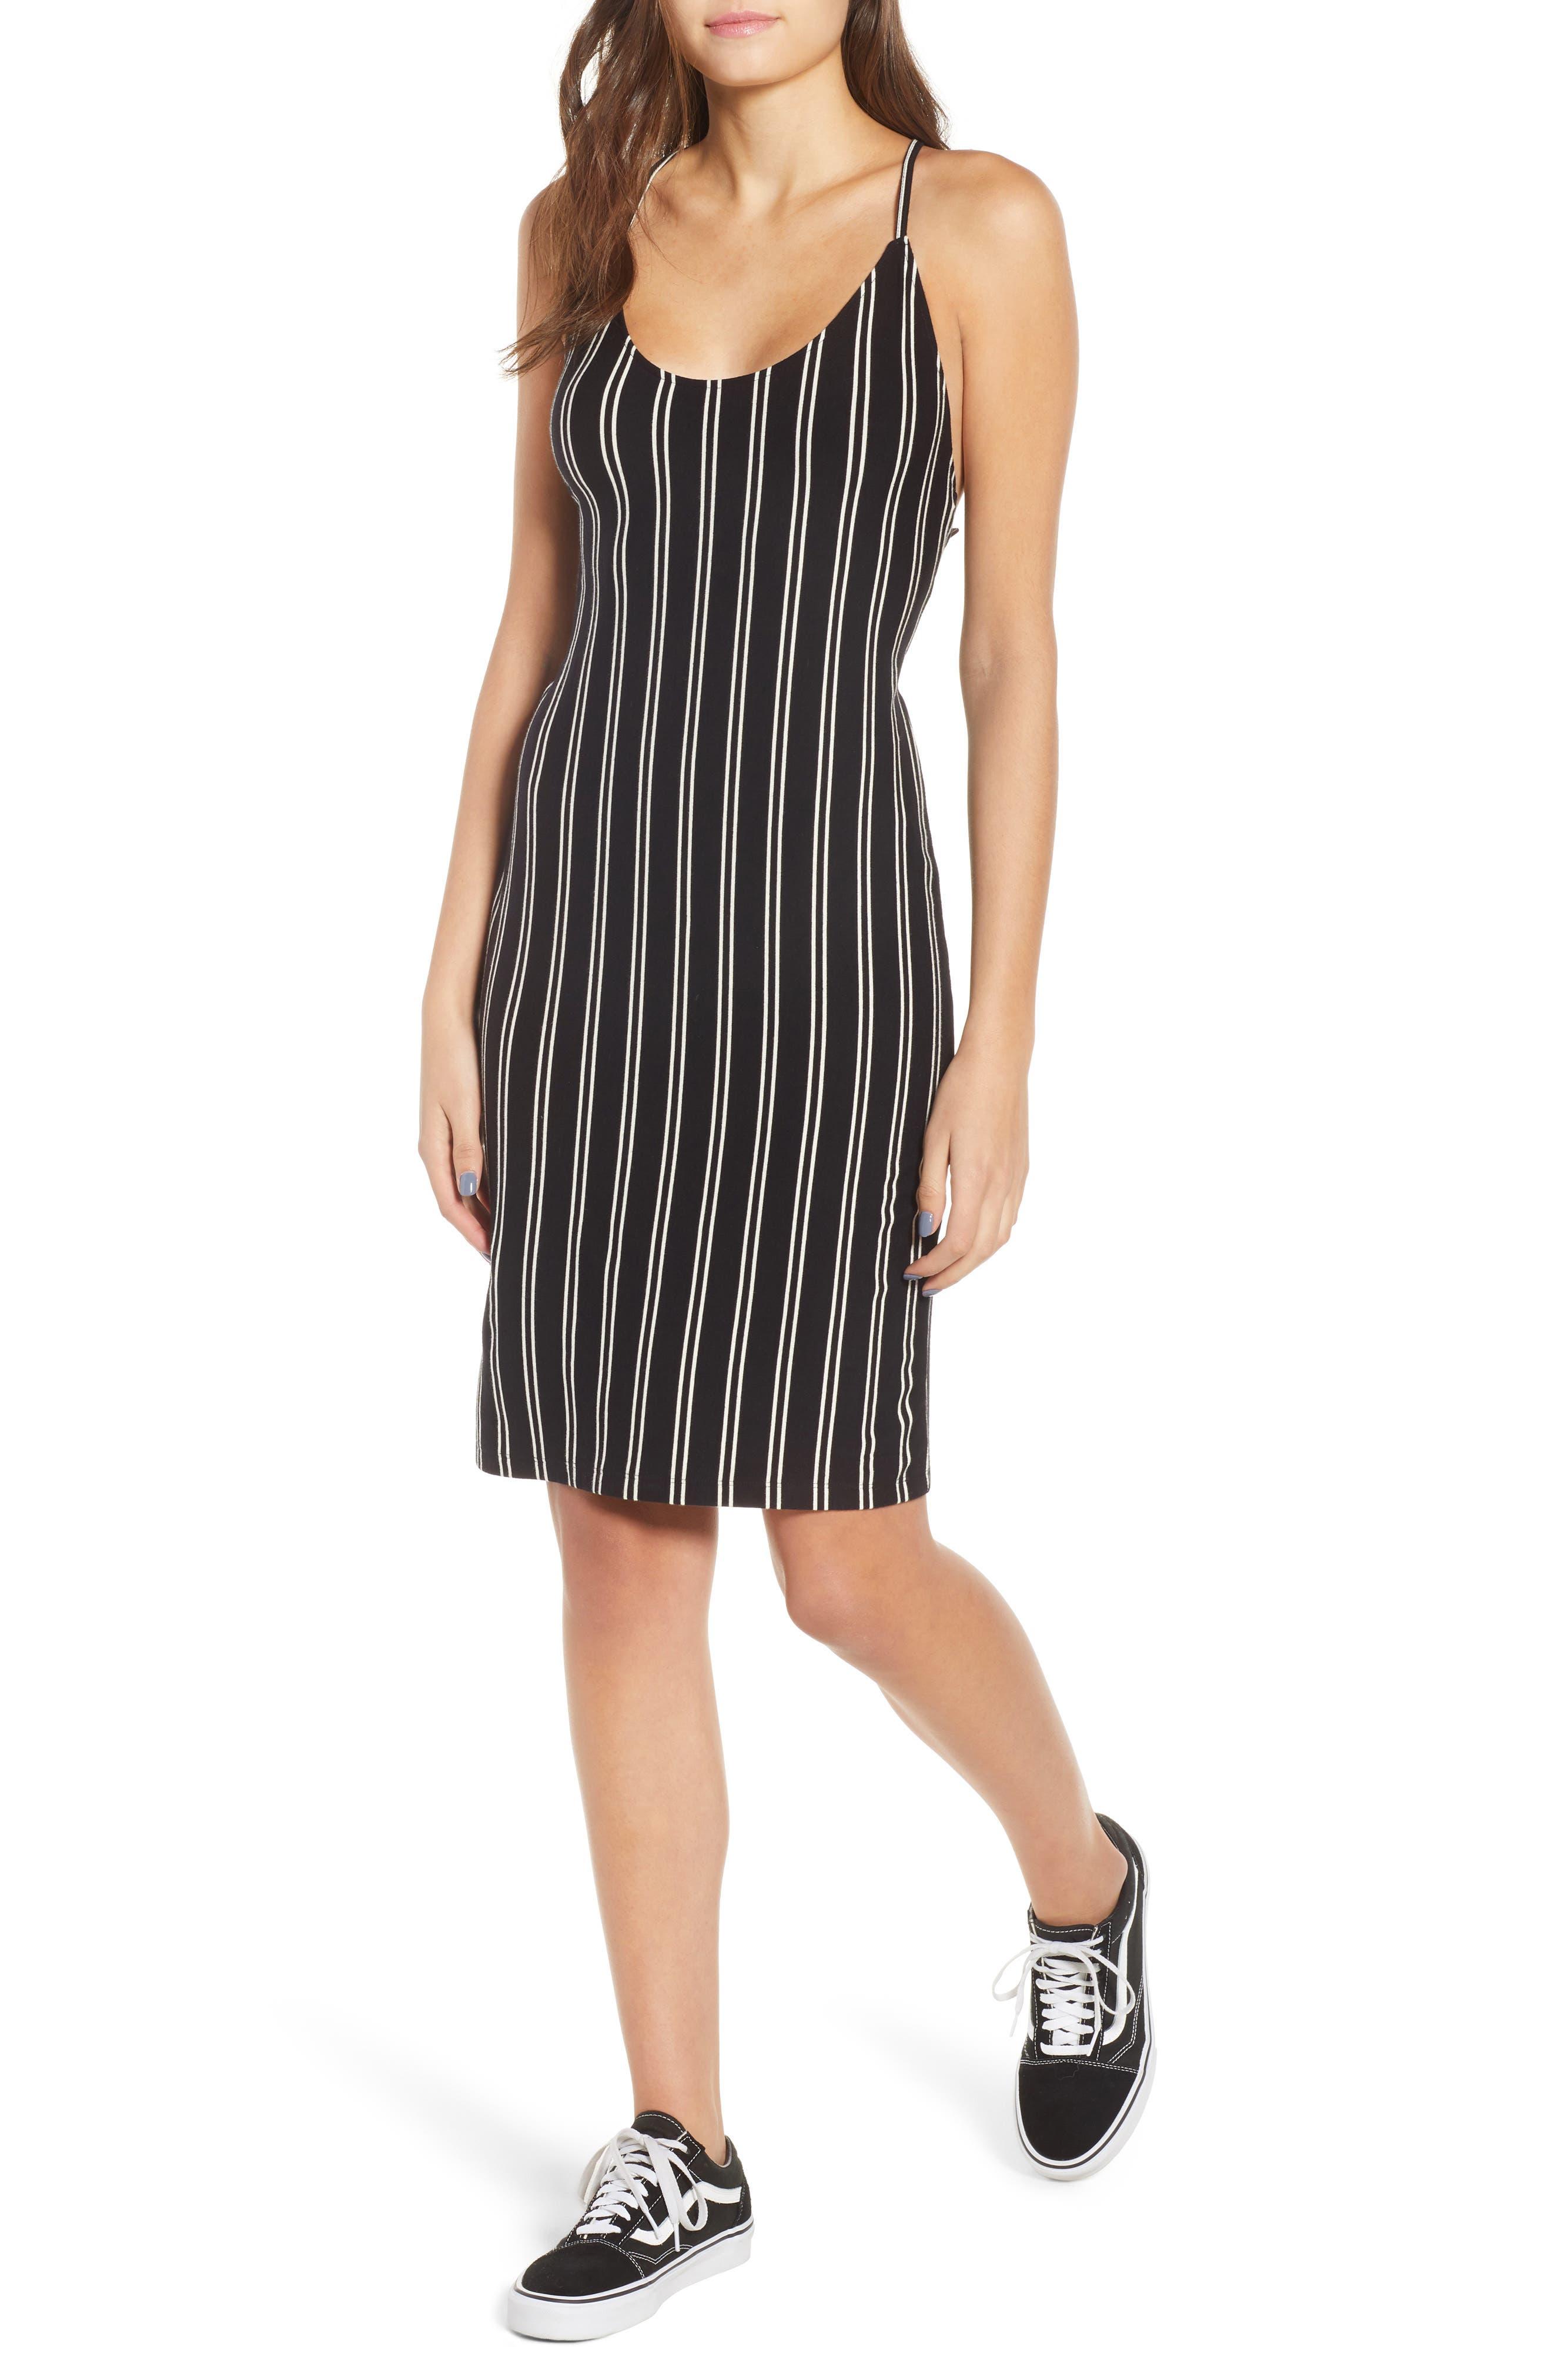 Obey Lockette Strappy Striped Dress